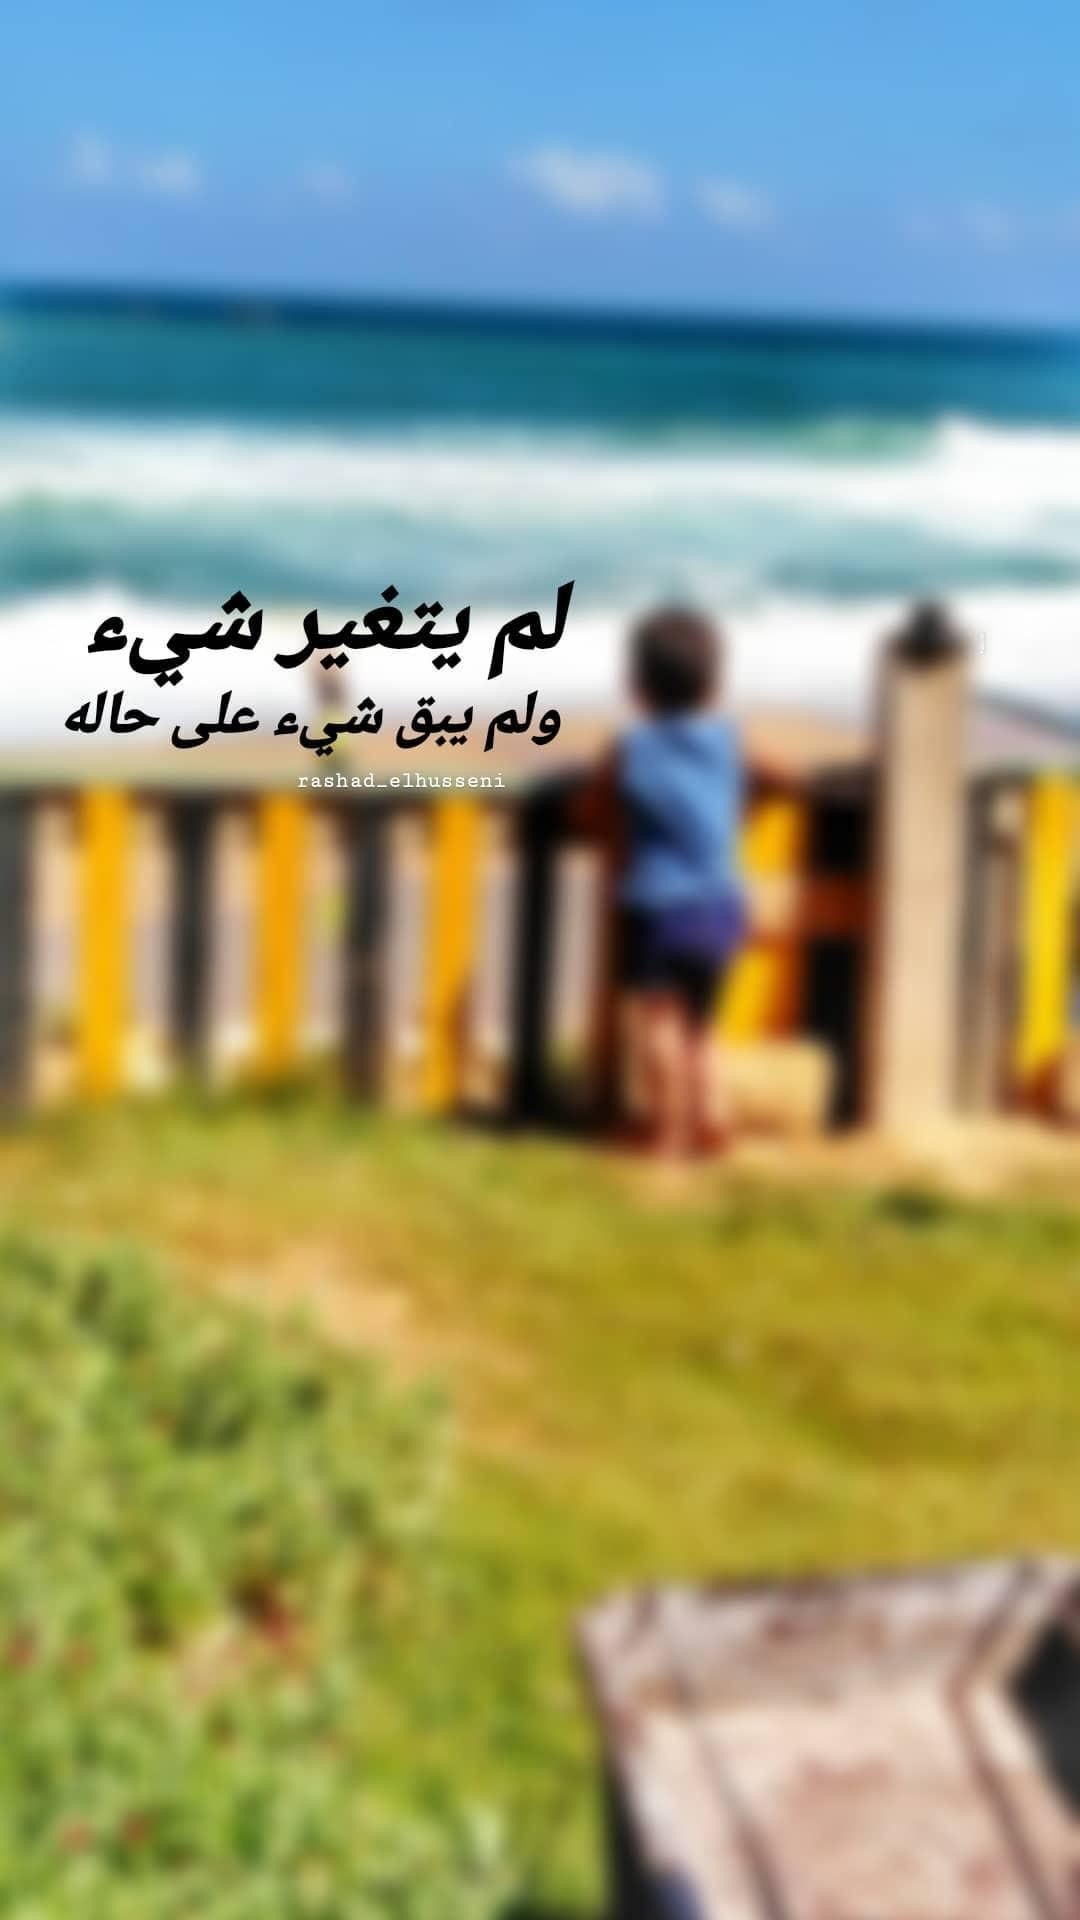 صور الحمدلله 2021 اجمل رمزيات مكتوب عليها الحمد لله Flowers Image Alhamdulillah